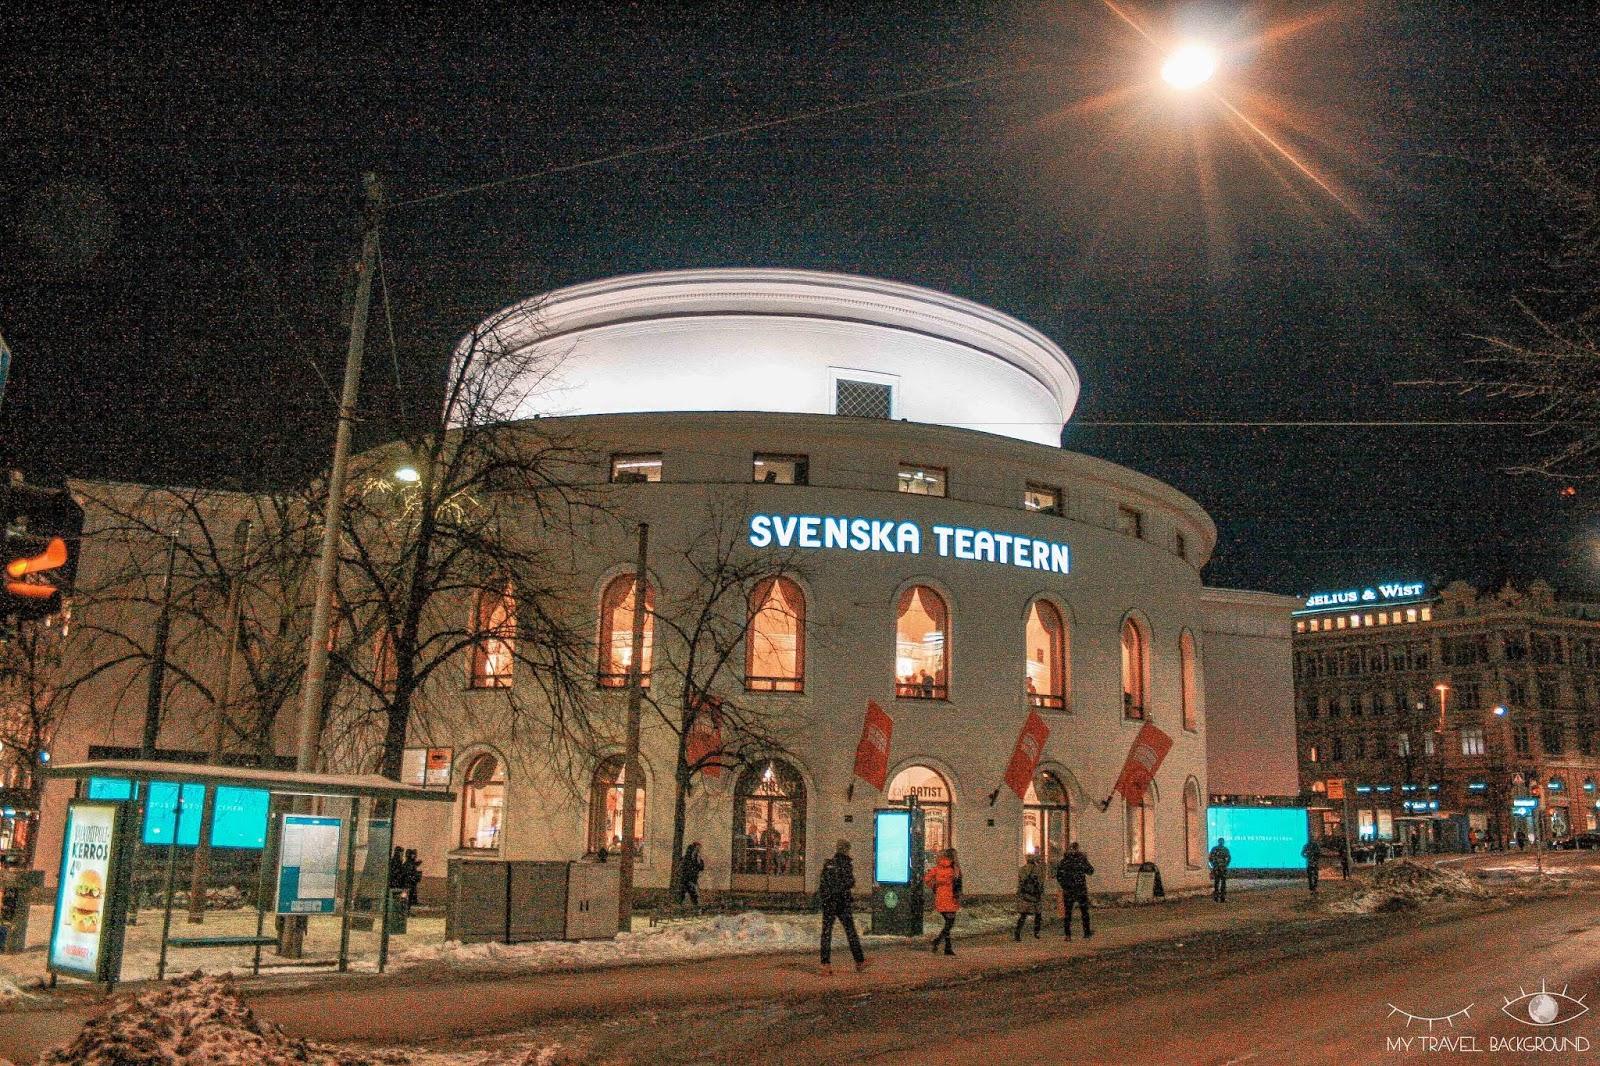 My Travel Background : 2 jours pour découvrir Helsinki, la capitale de la Finlande - Théâtre suédois